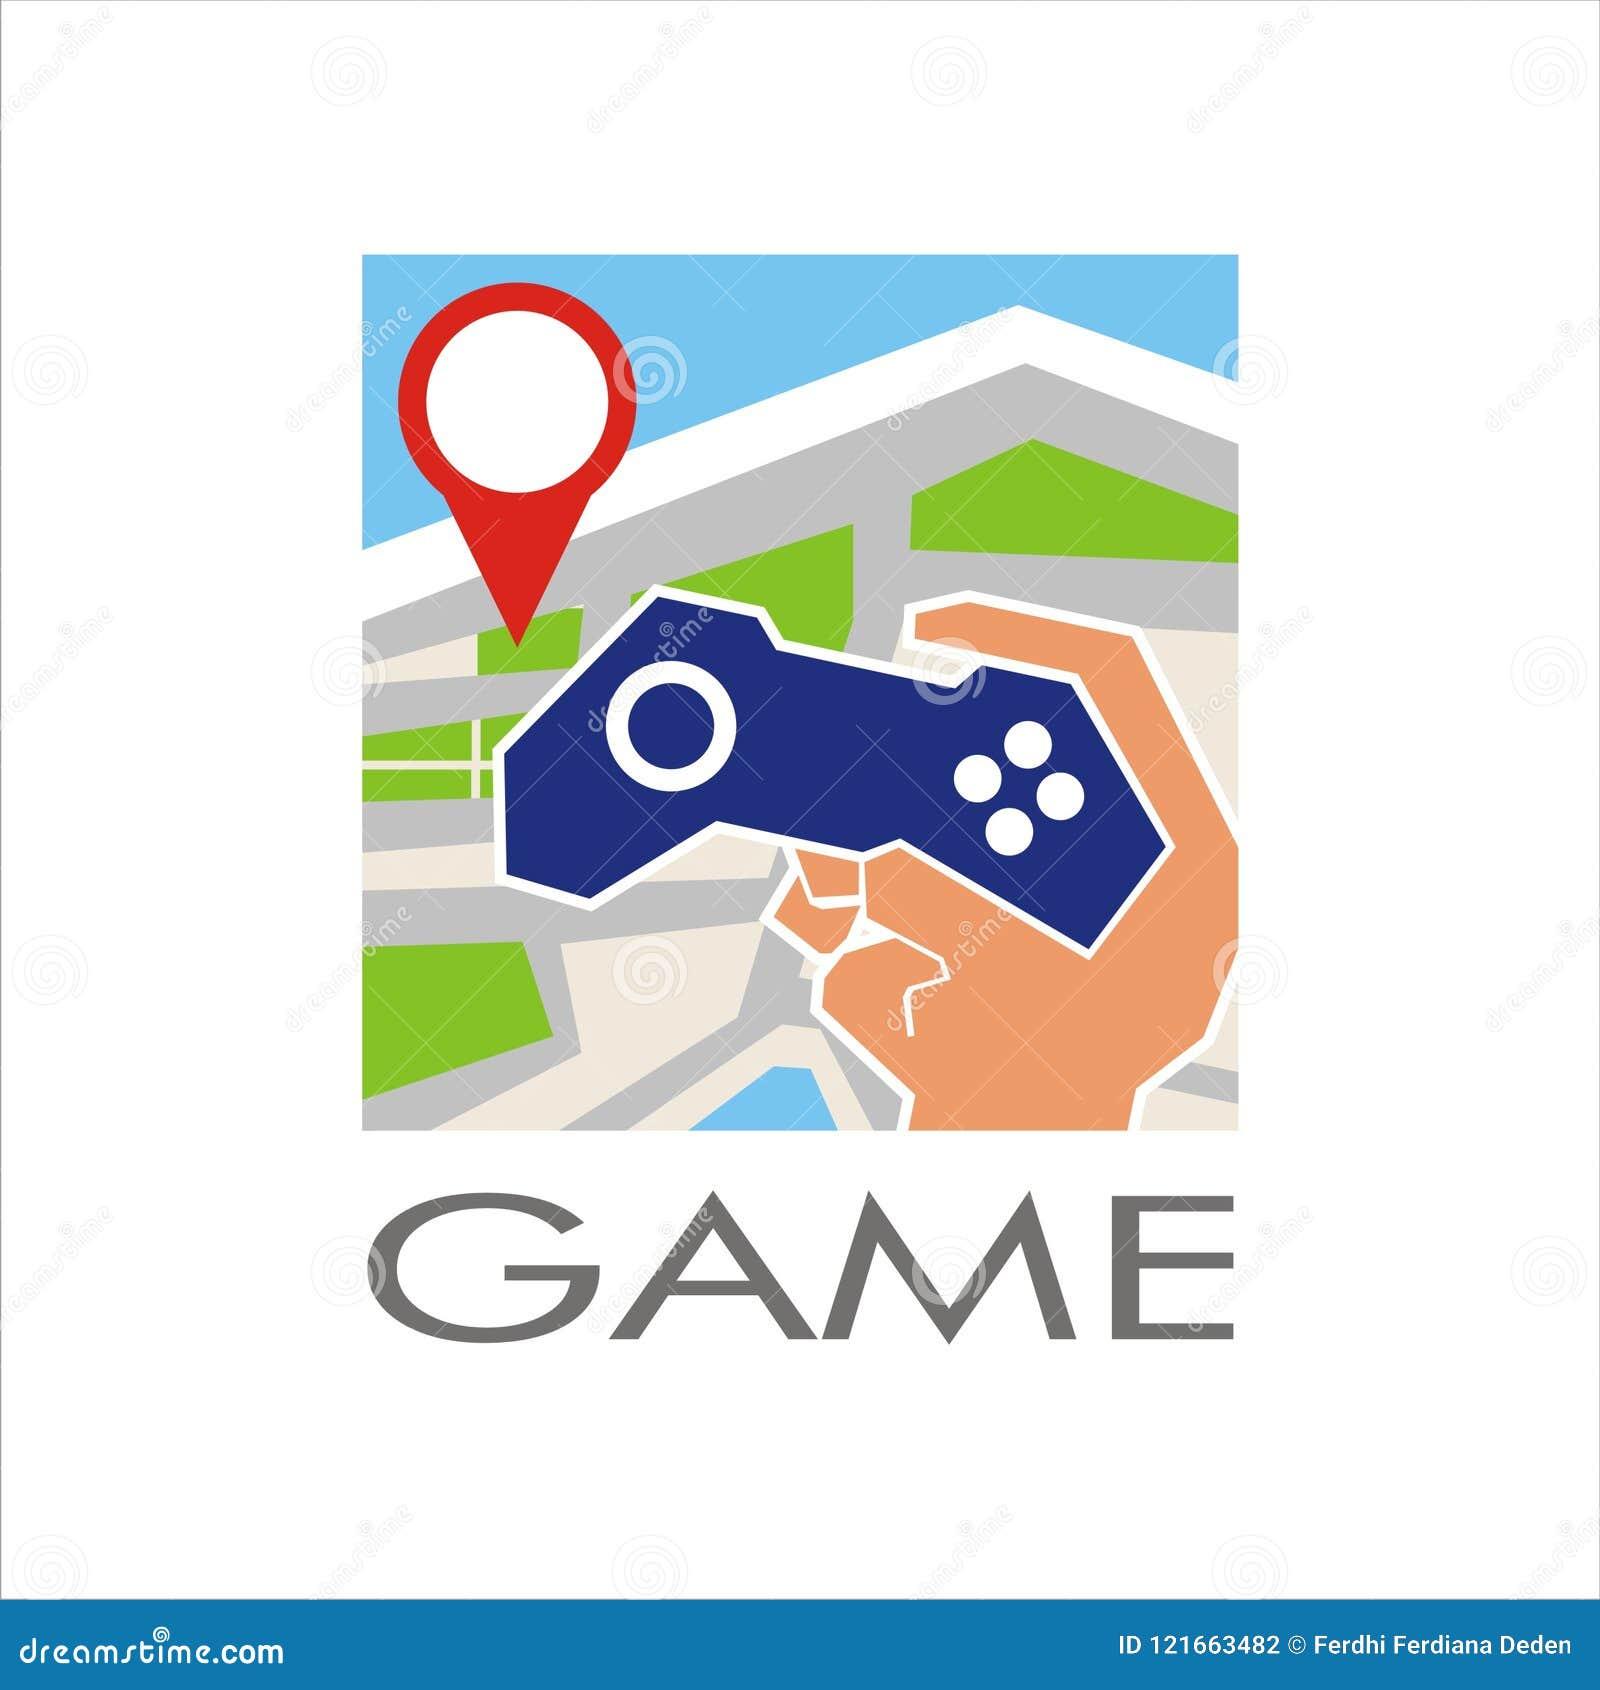 Gprs положения handphone ПК станции gamer пусковой площадки игры ручки утехи составляют карту gamep рук руки действия приключения